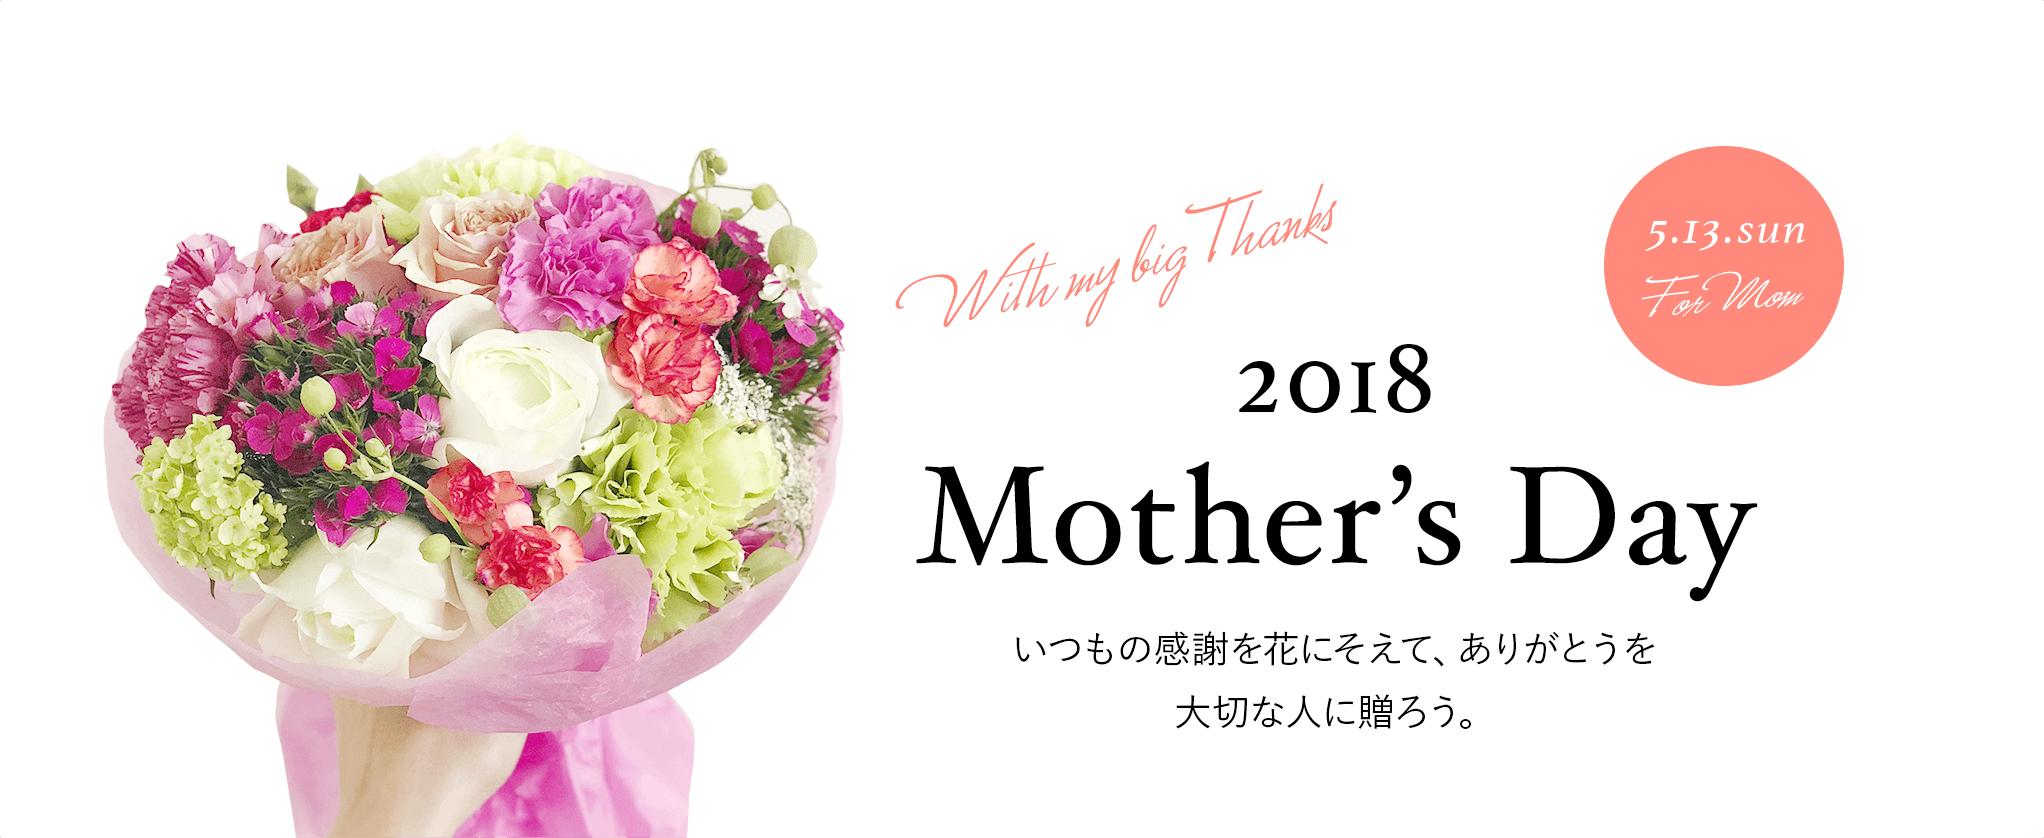 ありがとうの気持をこめて、とっておきの母の日の贈り物をご紹介します。